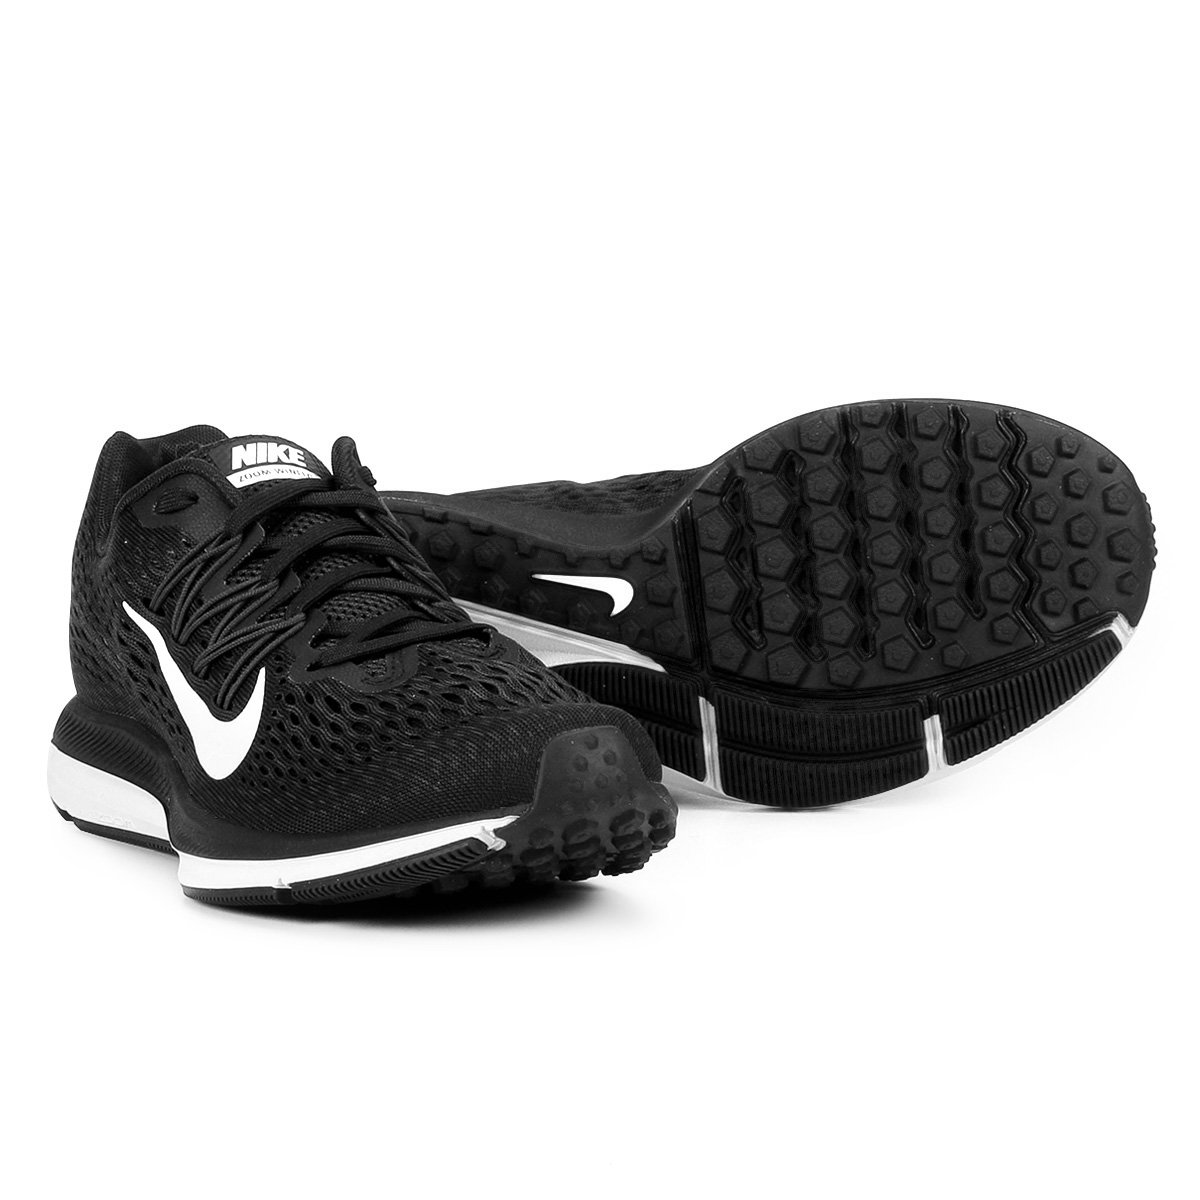 16e5357143 Tênis Nike WMNS Zoom Winflo 5 Feminino - Preto e Branco - Compre Agora